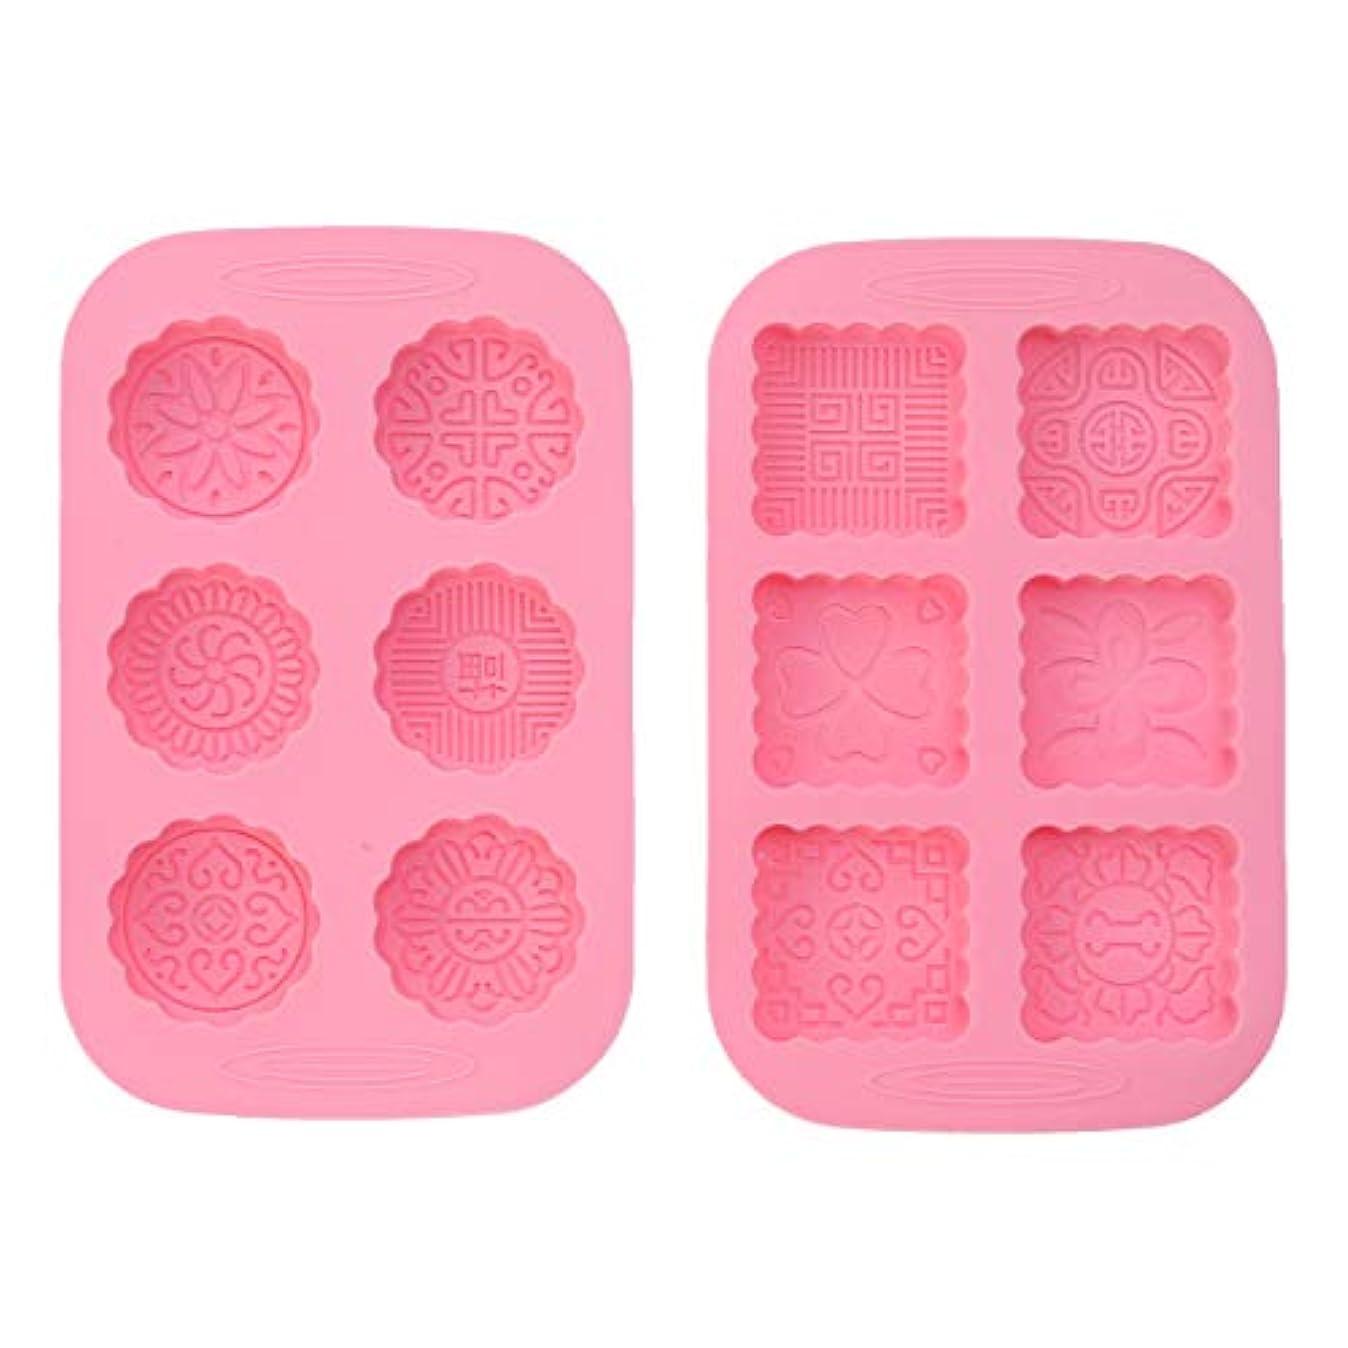 代表する妥協エゴマニアSUPVOX 2本シリコンケーキマフィンムーンケーキ型花型金型DIYフォンダンショコラキャンディ金型アイスゼリーソープキューブトレイ(ピンク)